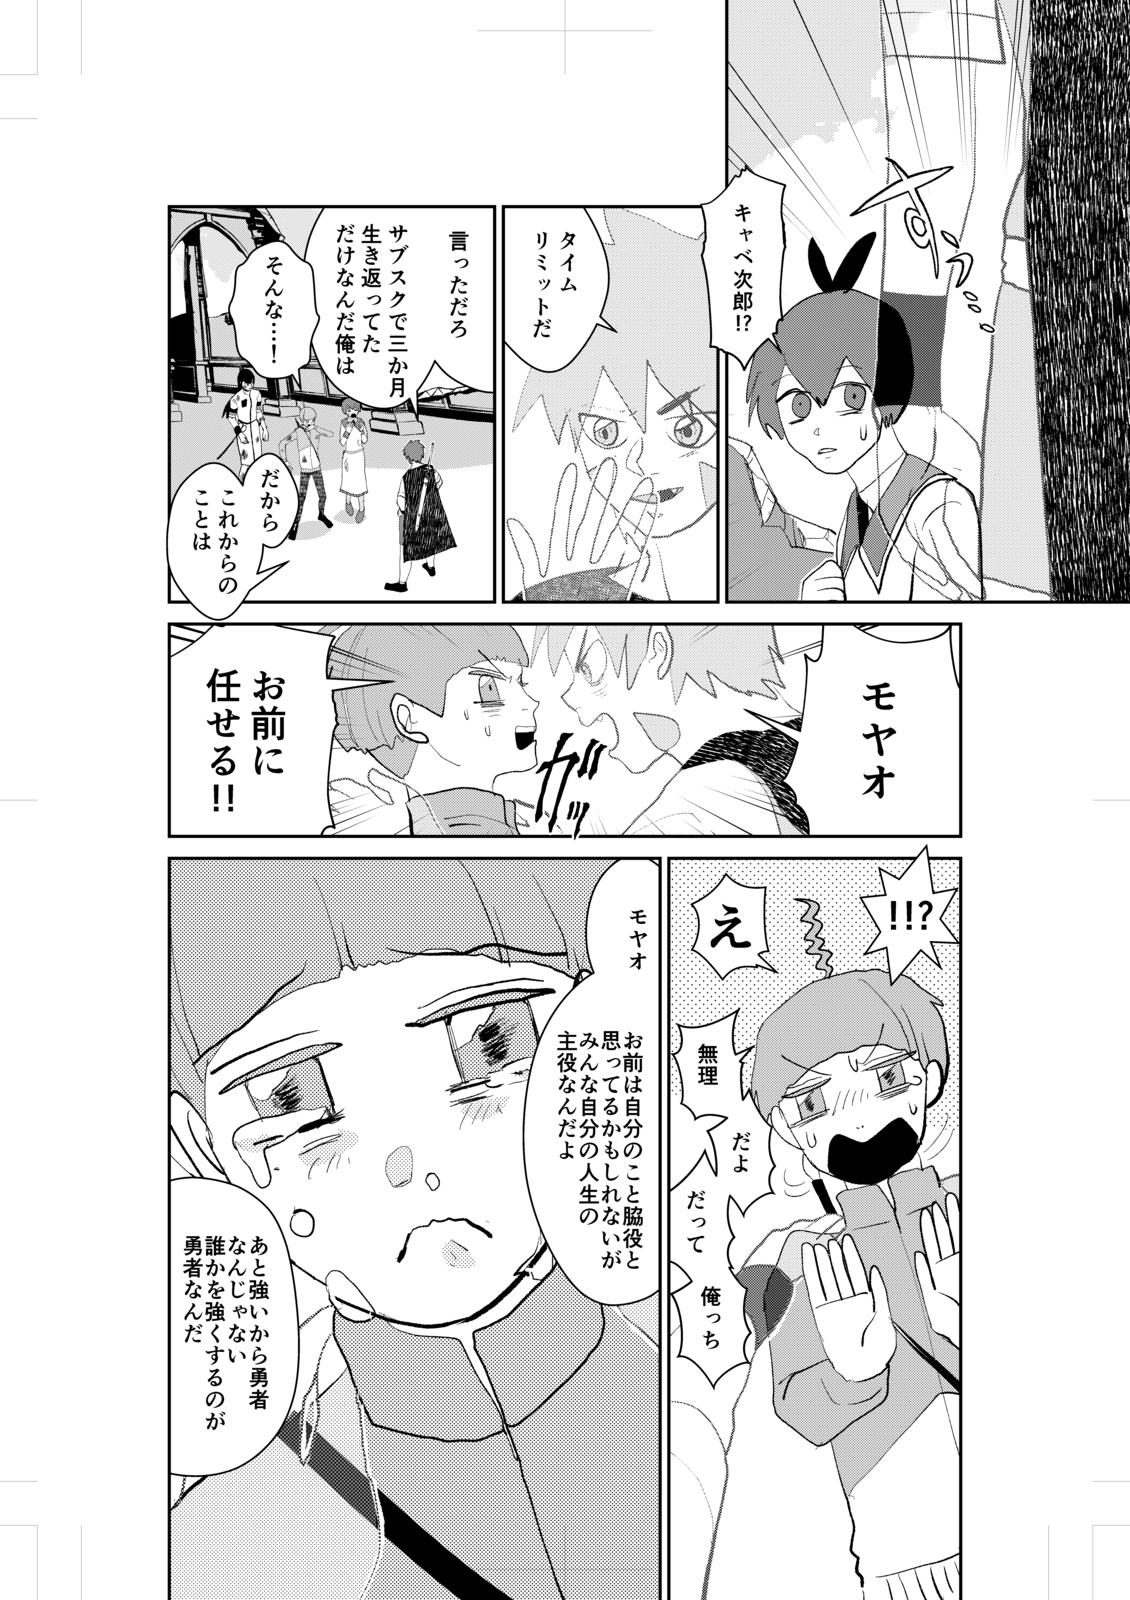 編集部シーン1